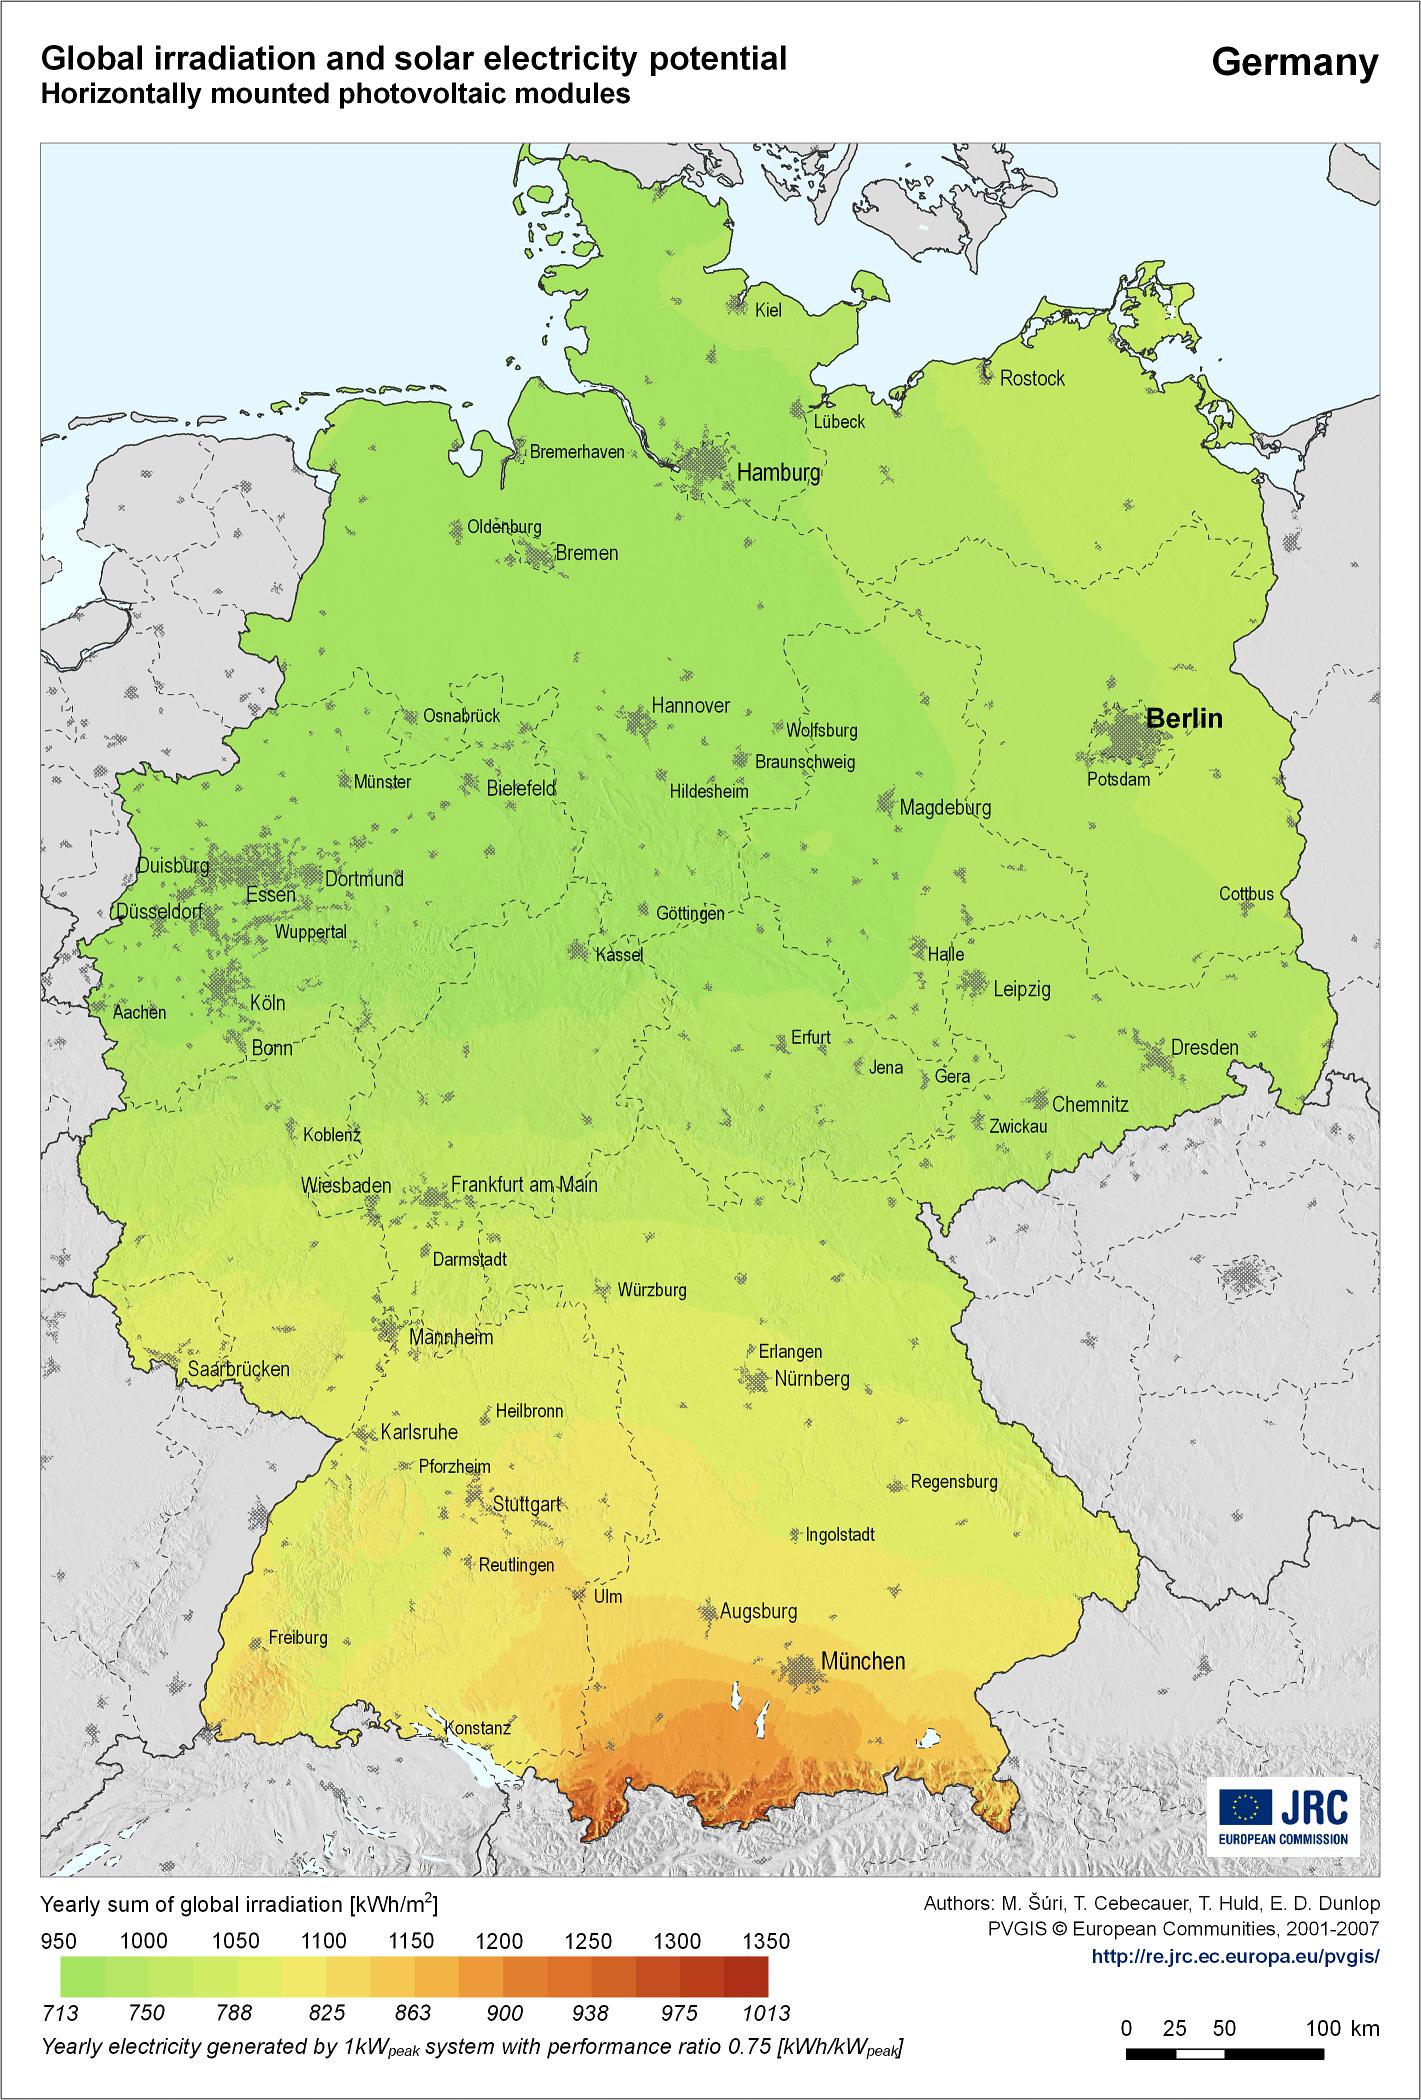 Radiación global y potencial de energía solar en Alemania